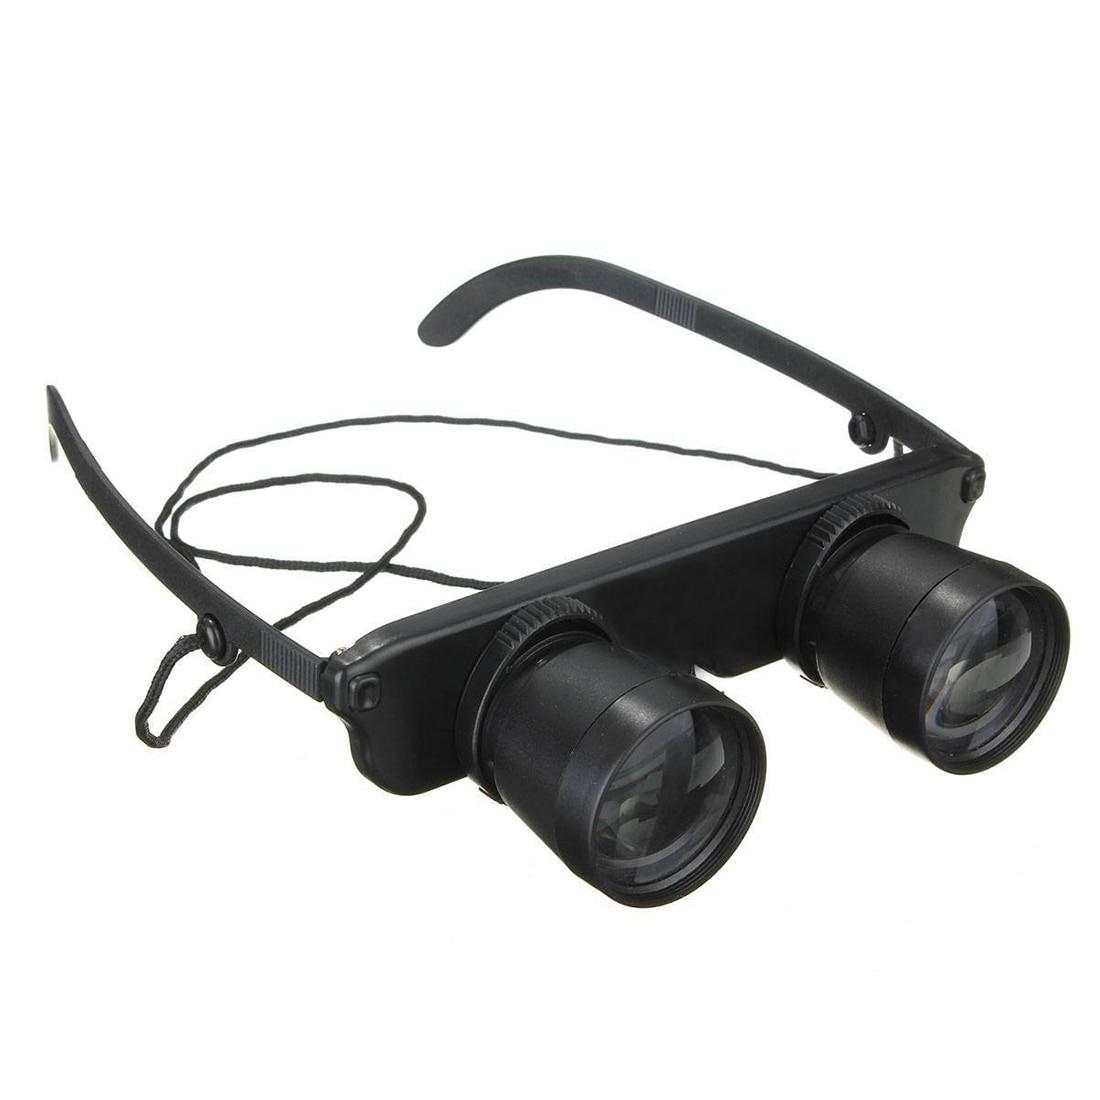 Schwarz 3x28 Brille Vergroesserungsglas Lupenbrille Brillenlupe Glaeser Stil Angel Reise Fernglas Theater Lup Fisch Optics